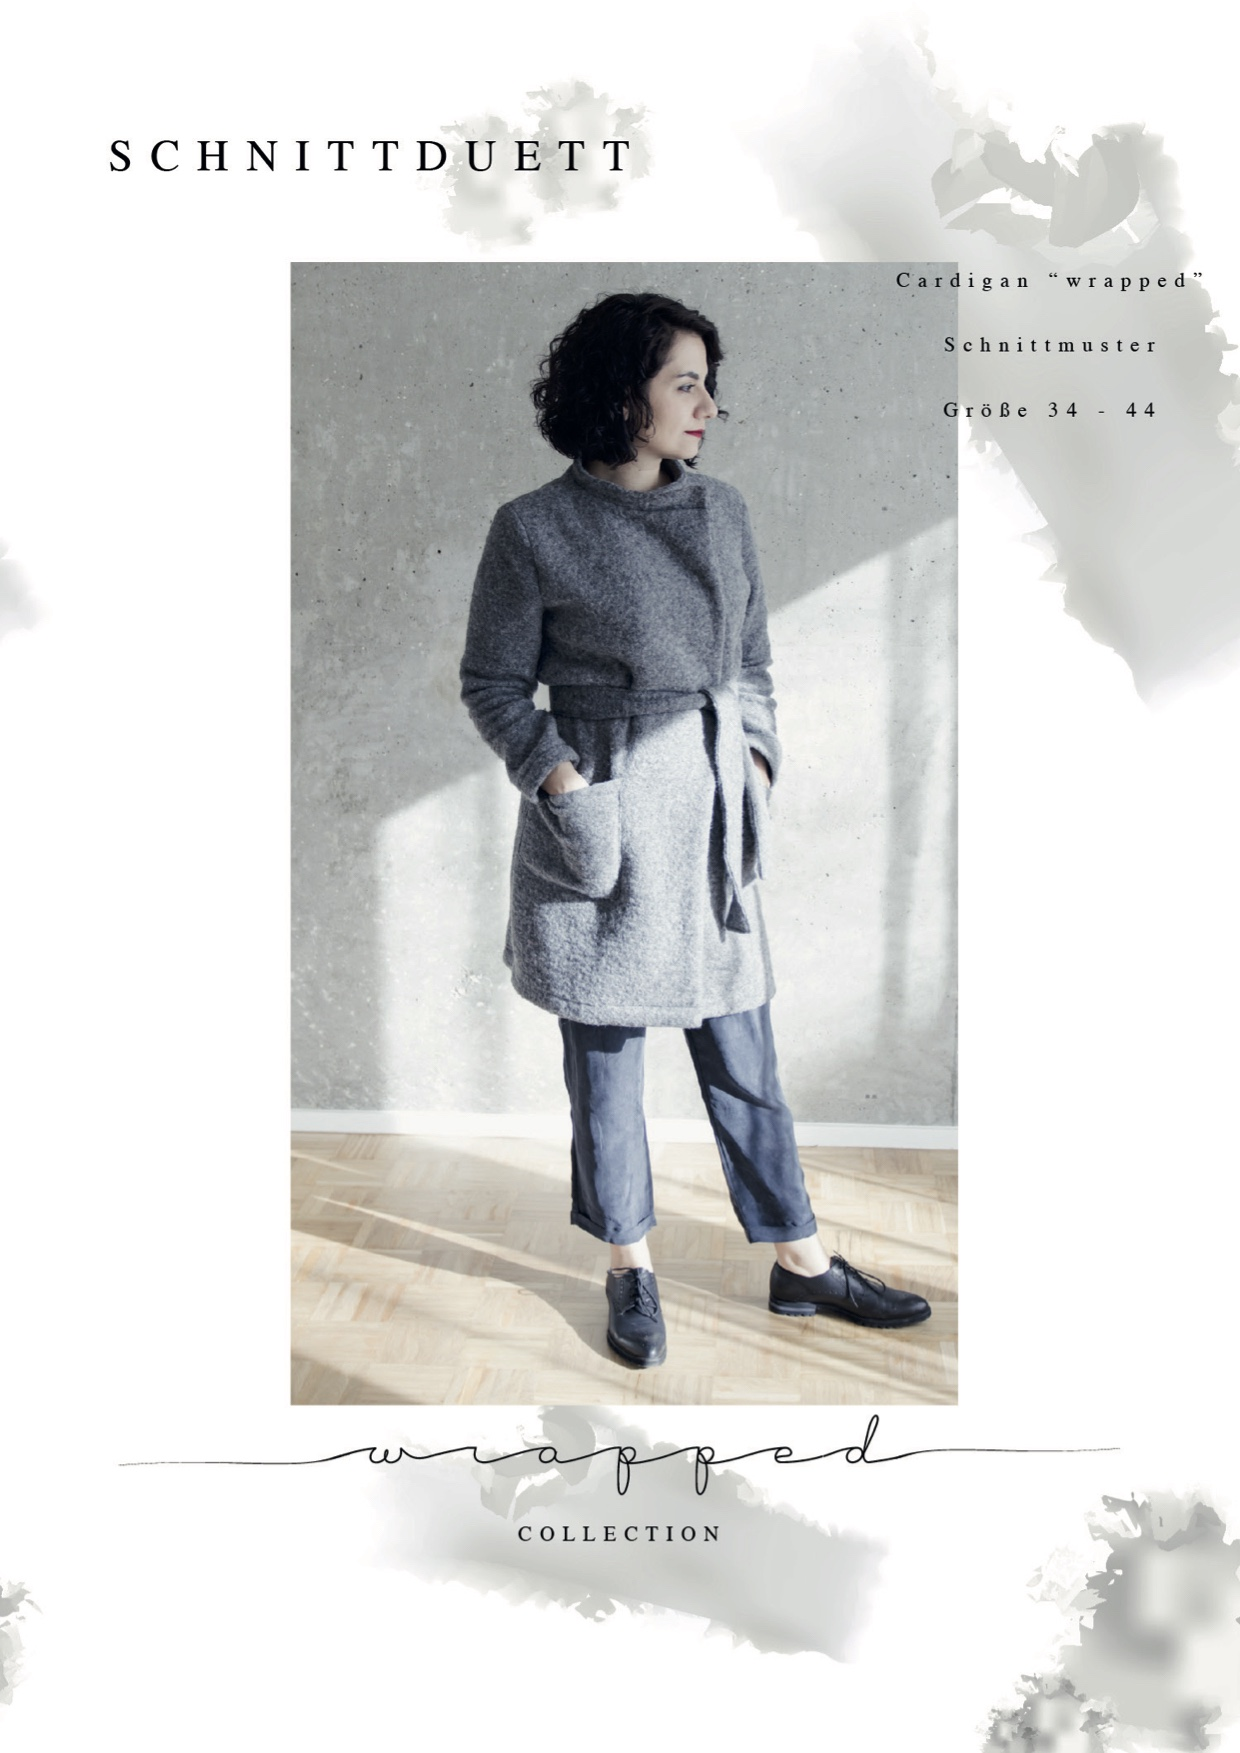 Schnittduett - Wickelcardigan Wrapped - Wir bieten moderne Schnittmuster für Damen zum selbernähen